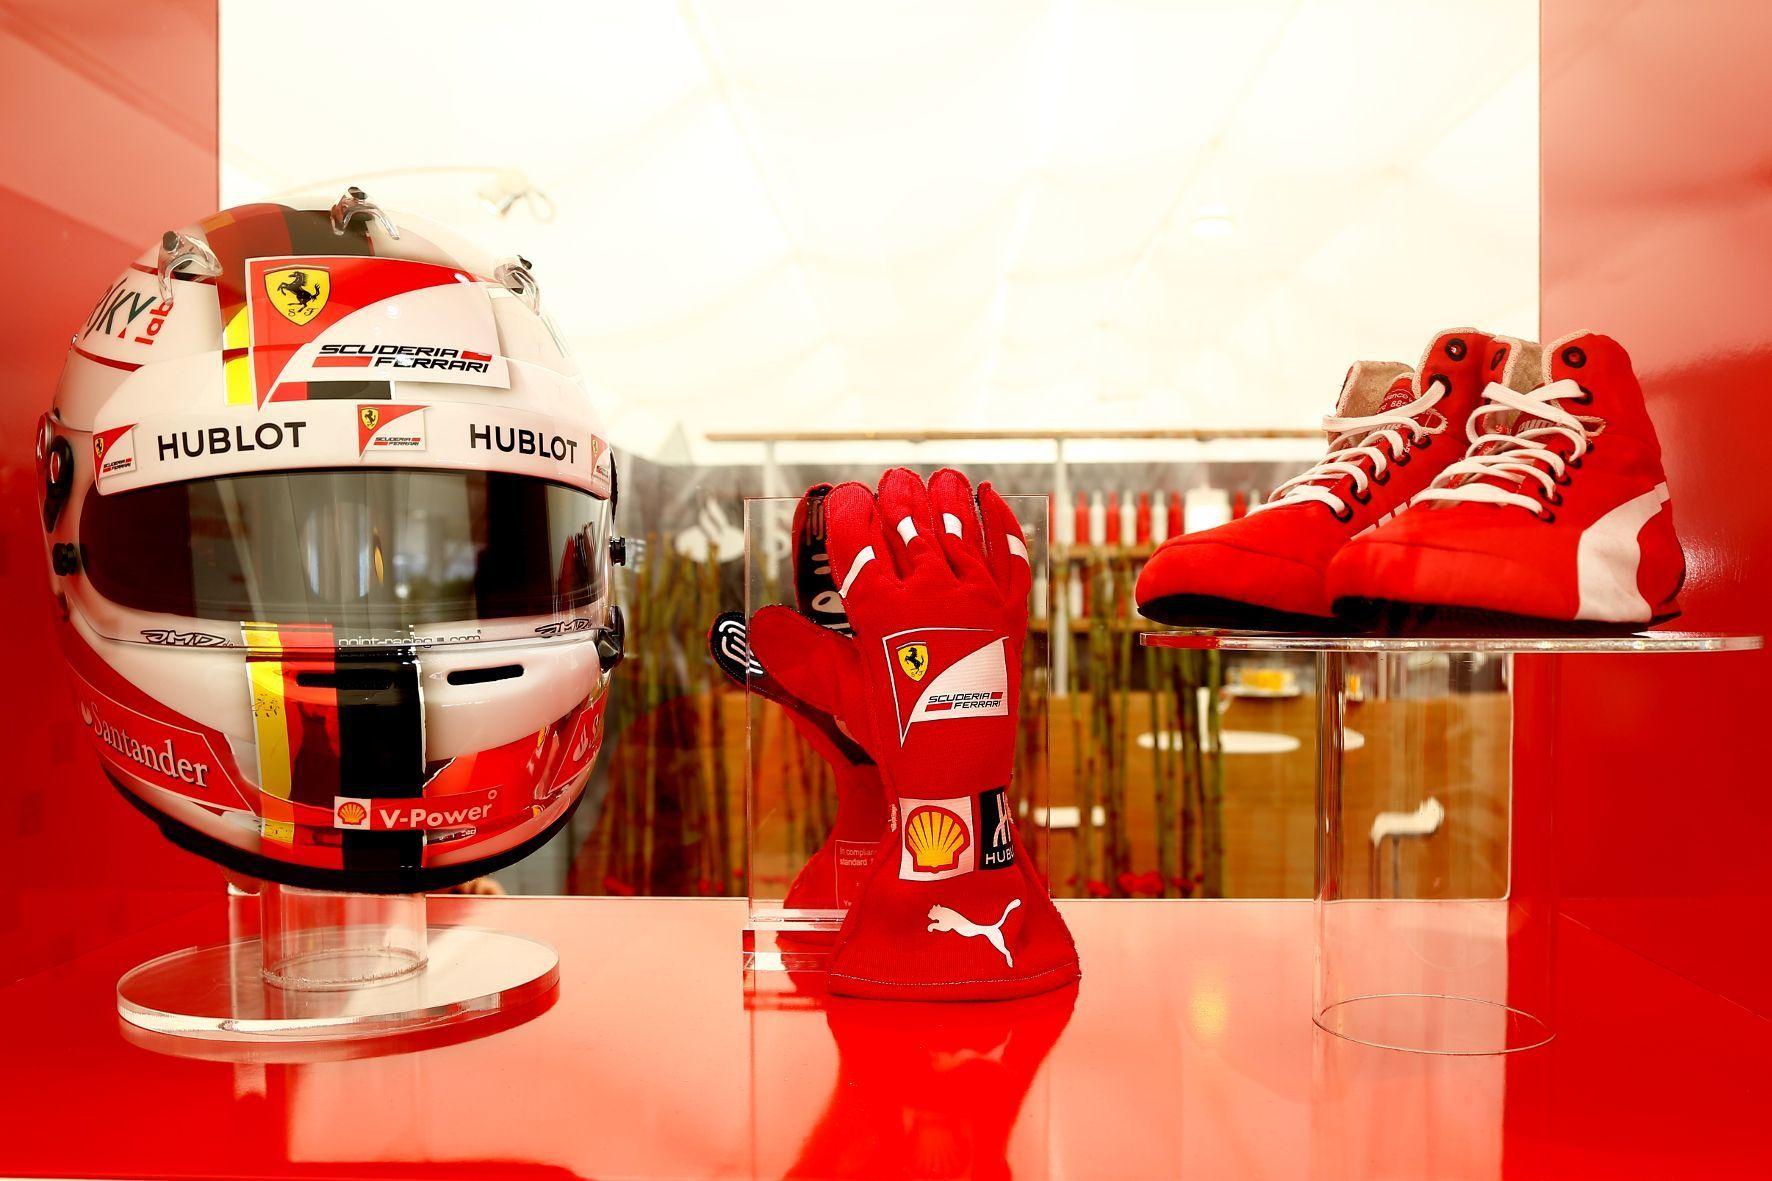 mid Groß-Gerau - Für einen guten Zweck versteigert: Helm, Handschuhe und Schuhe sowie der Rennanzug von Formel-1-Pilot Sebatian Vettel.